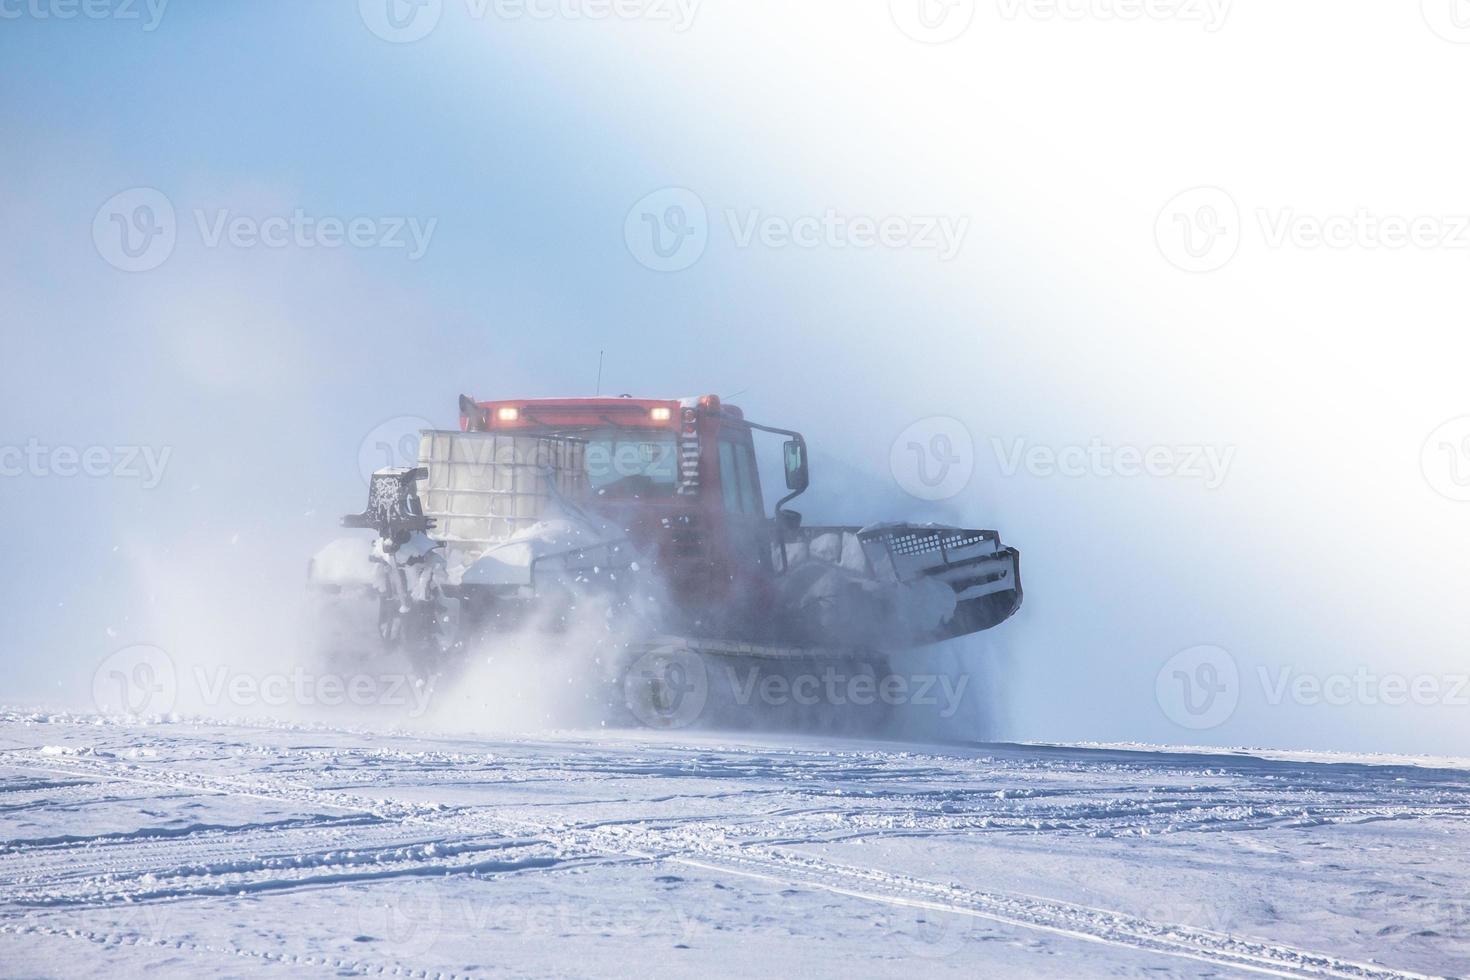 ratrak dans les embruns de neige contre le ciel bleu. tonique photo